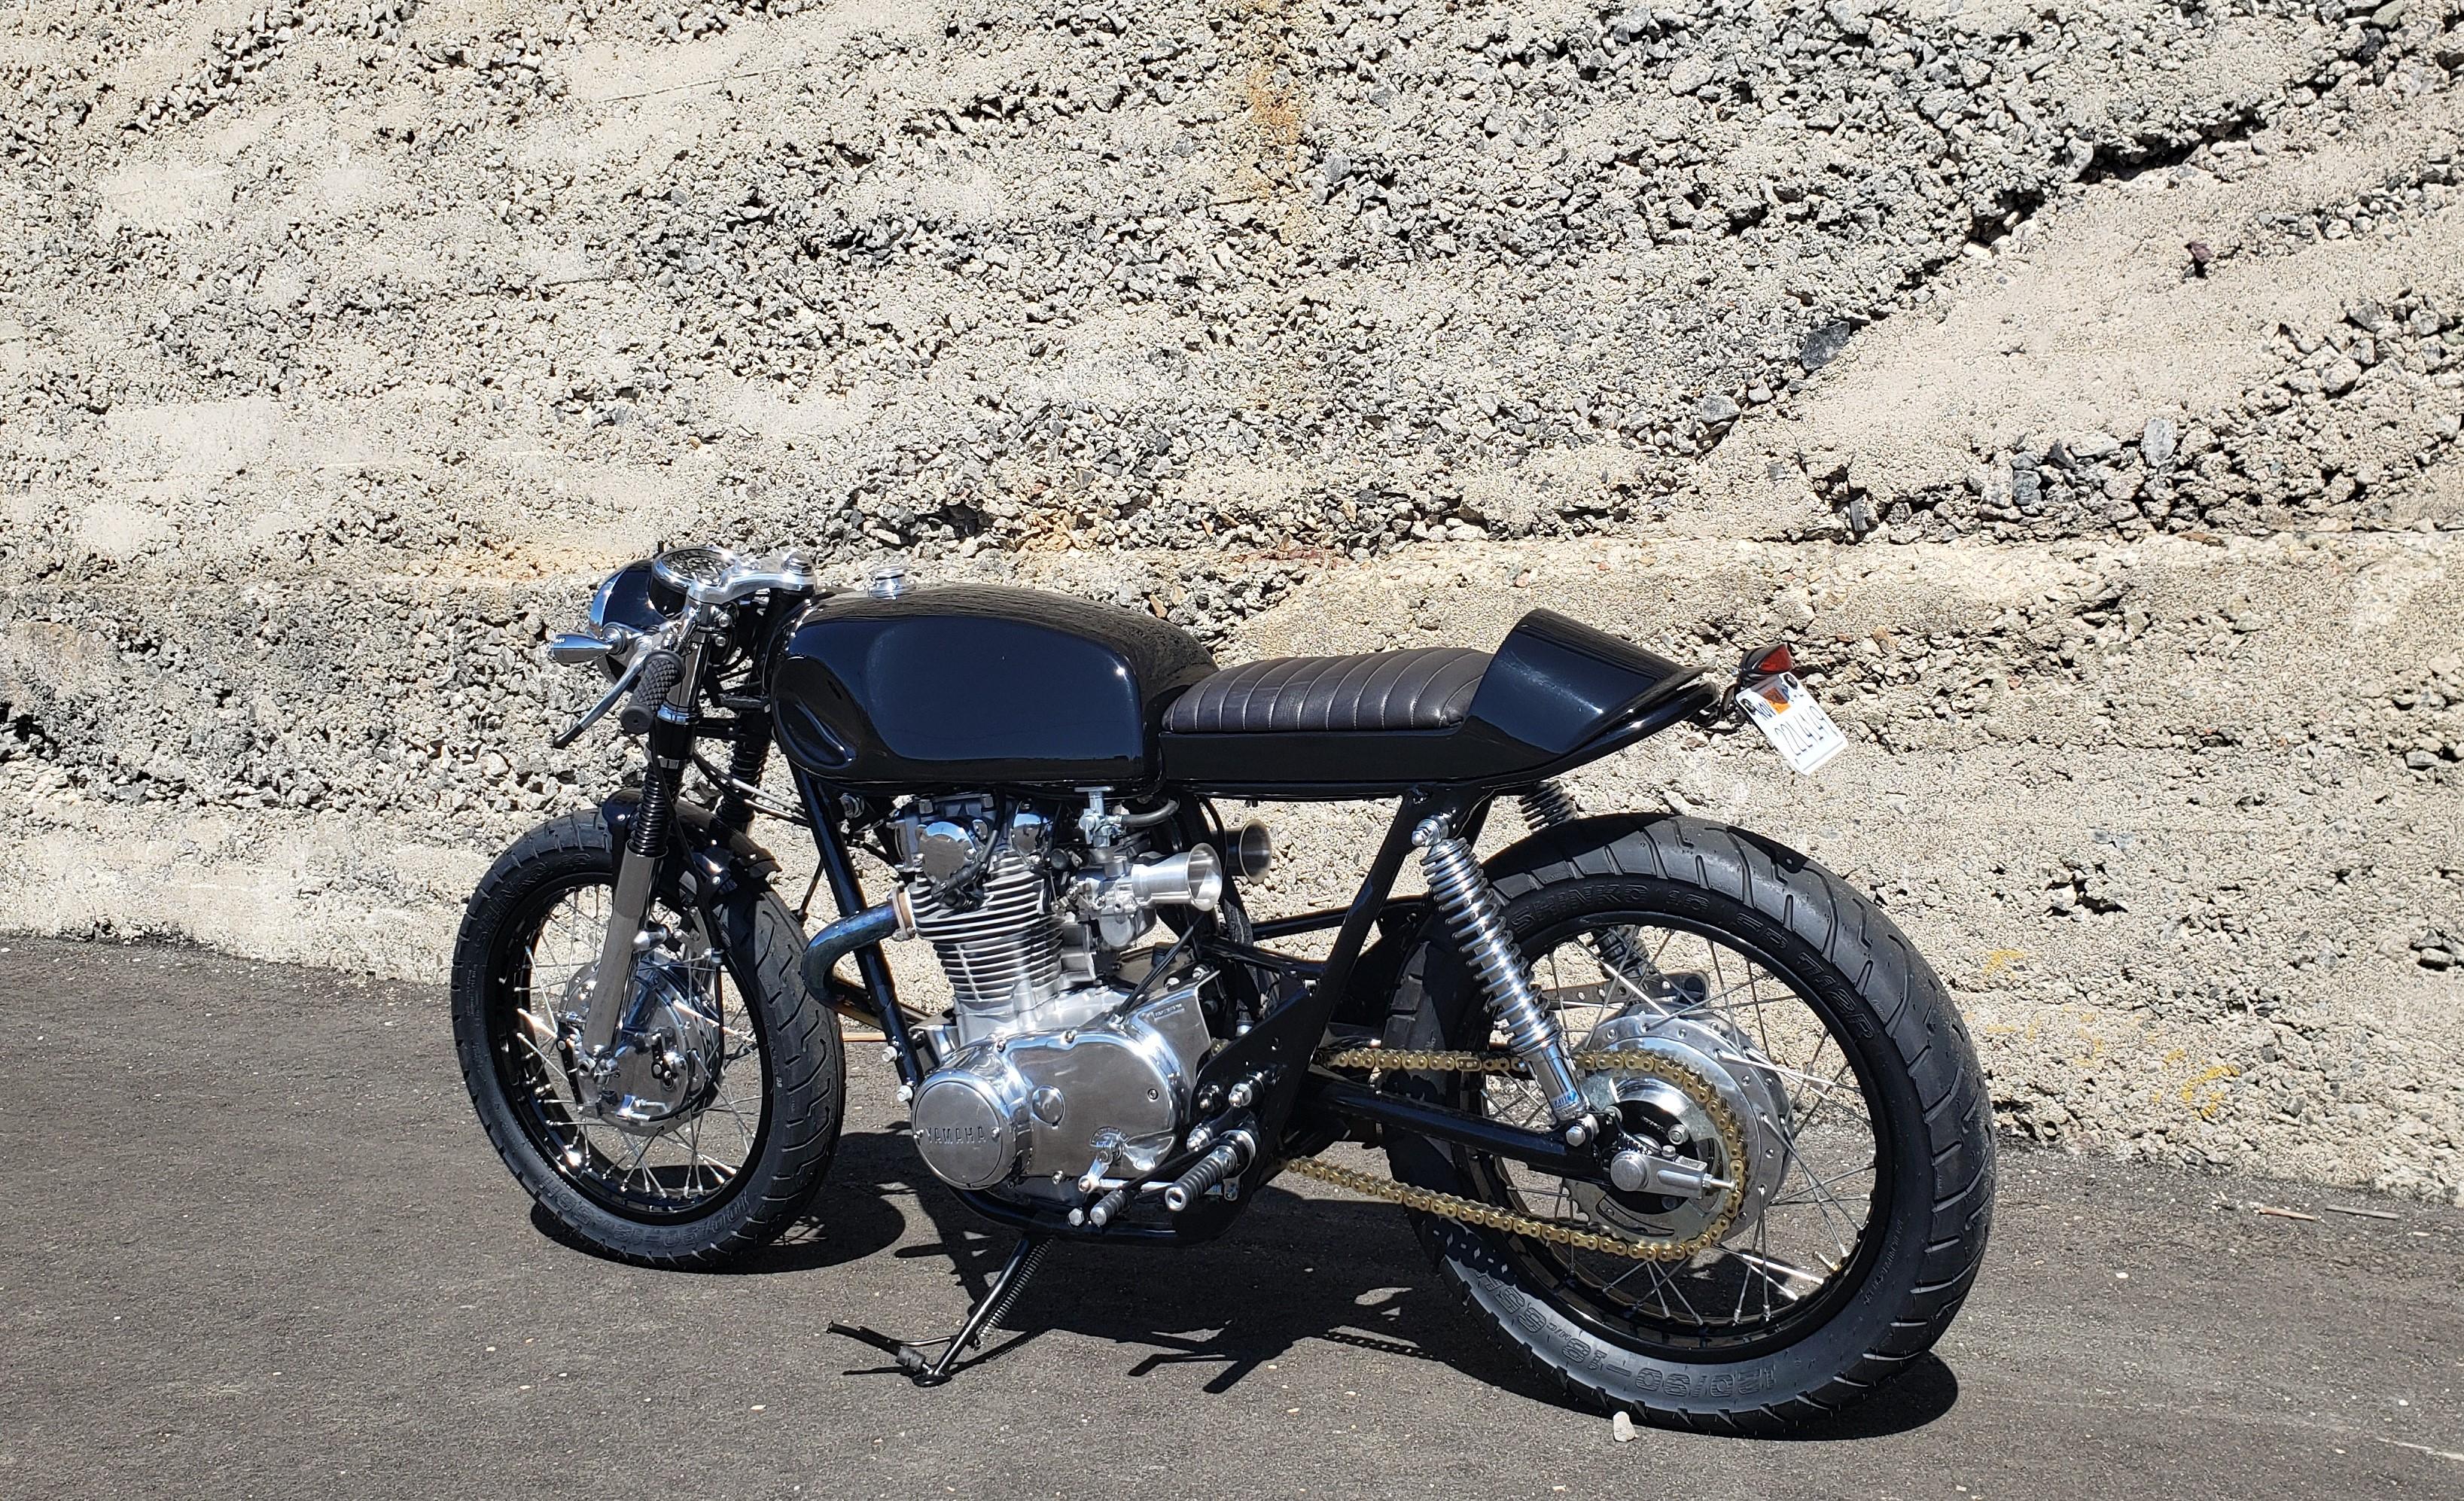 1980 Yamaha XS650 MikesXS Customer Build